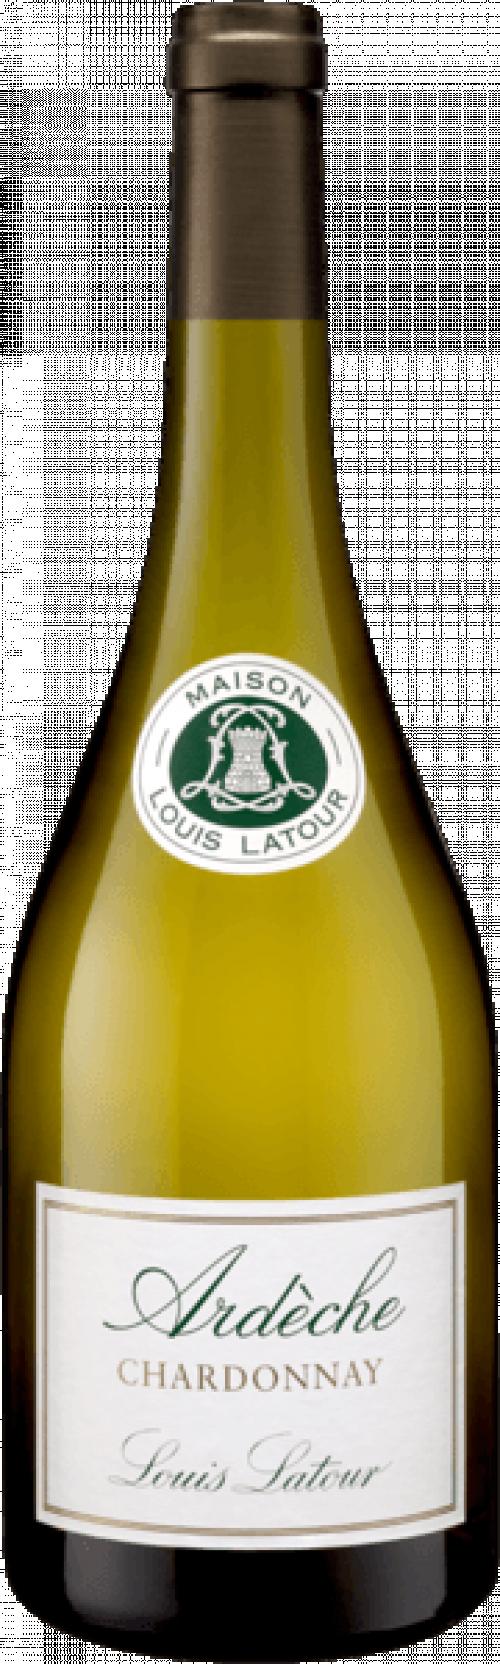 2018 Louis Latour Ardeche Chardonnay 750ml